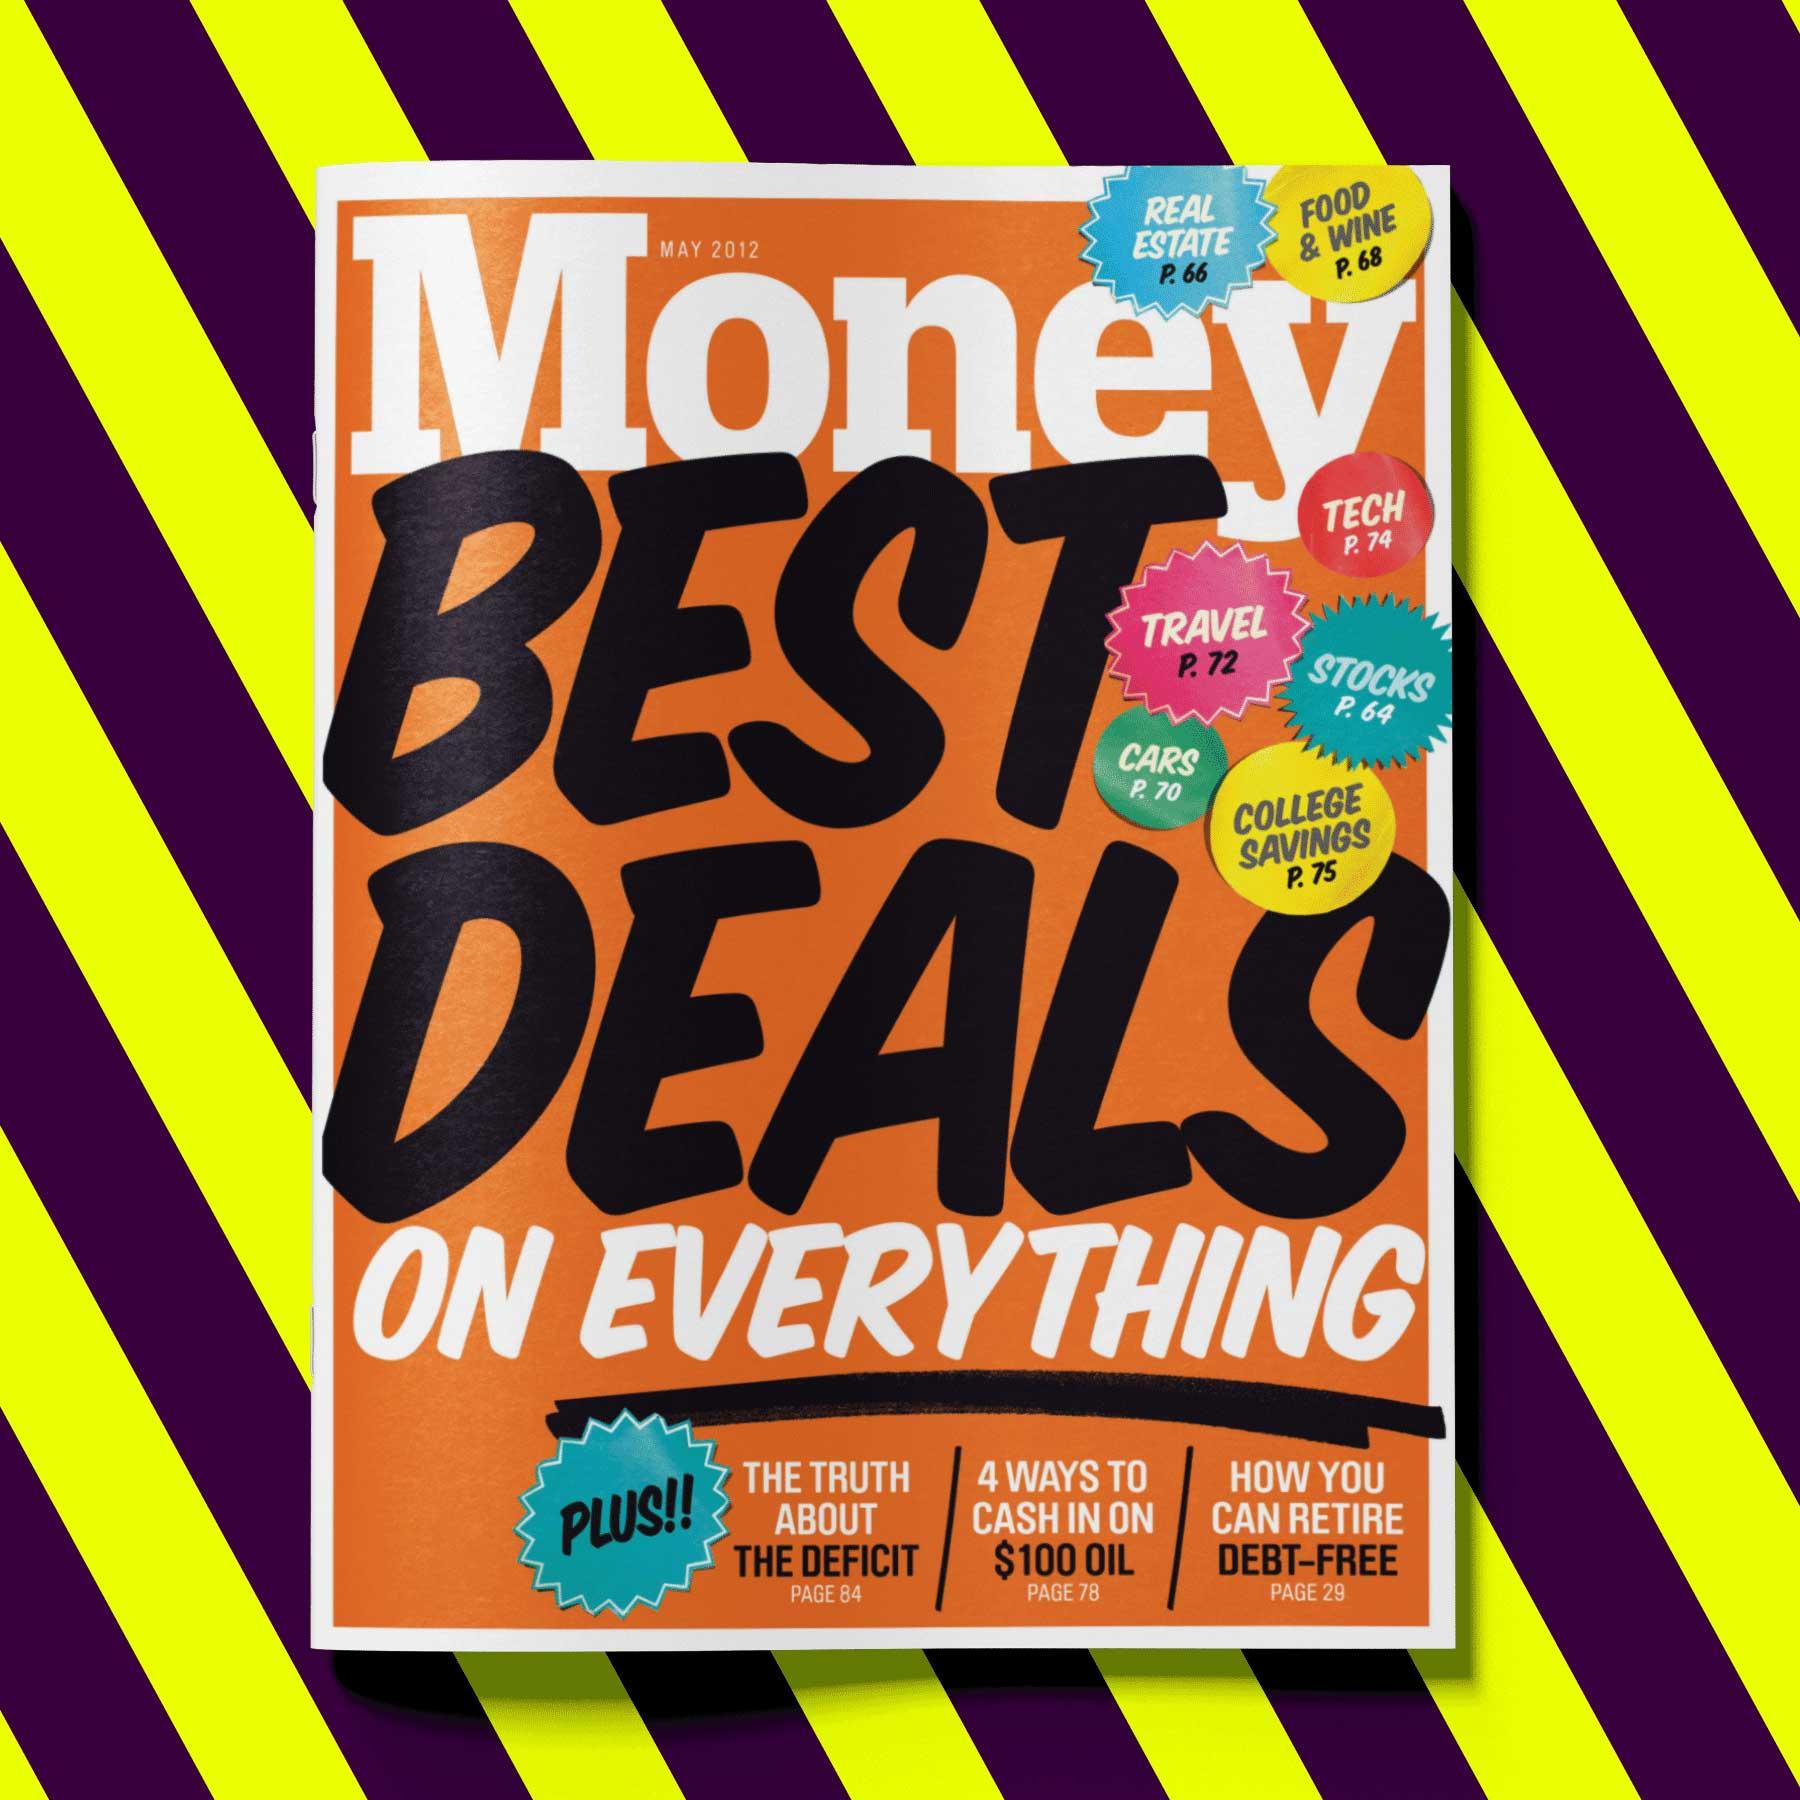 moneycover_deals.jpg